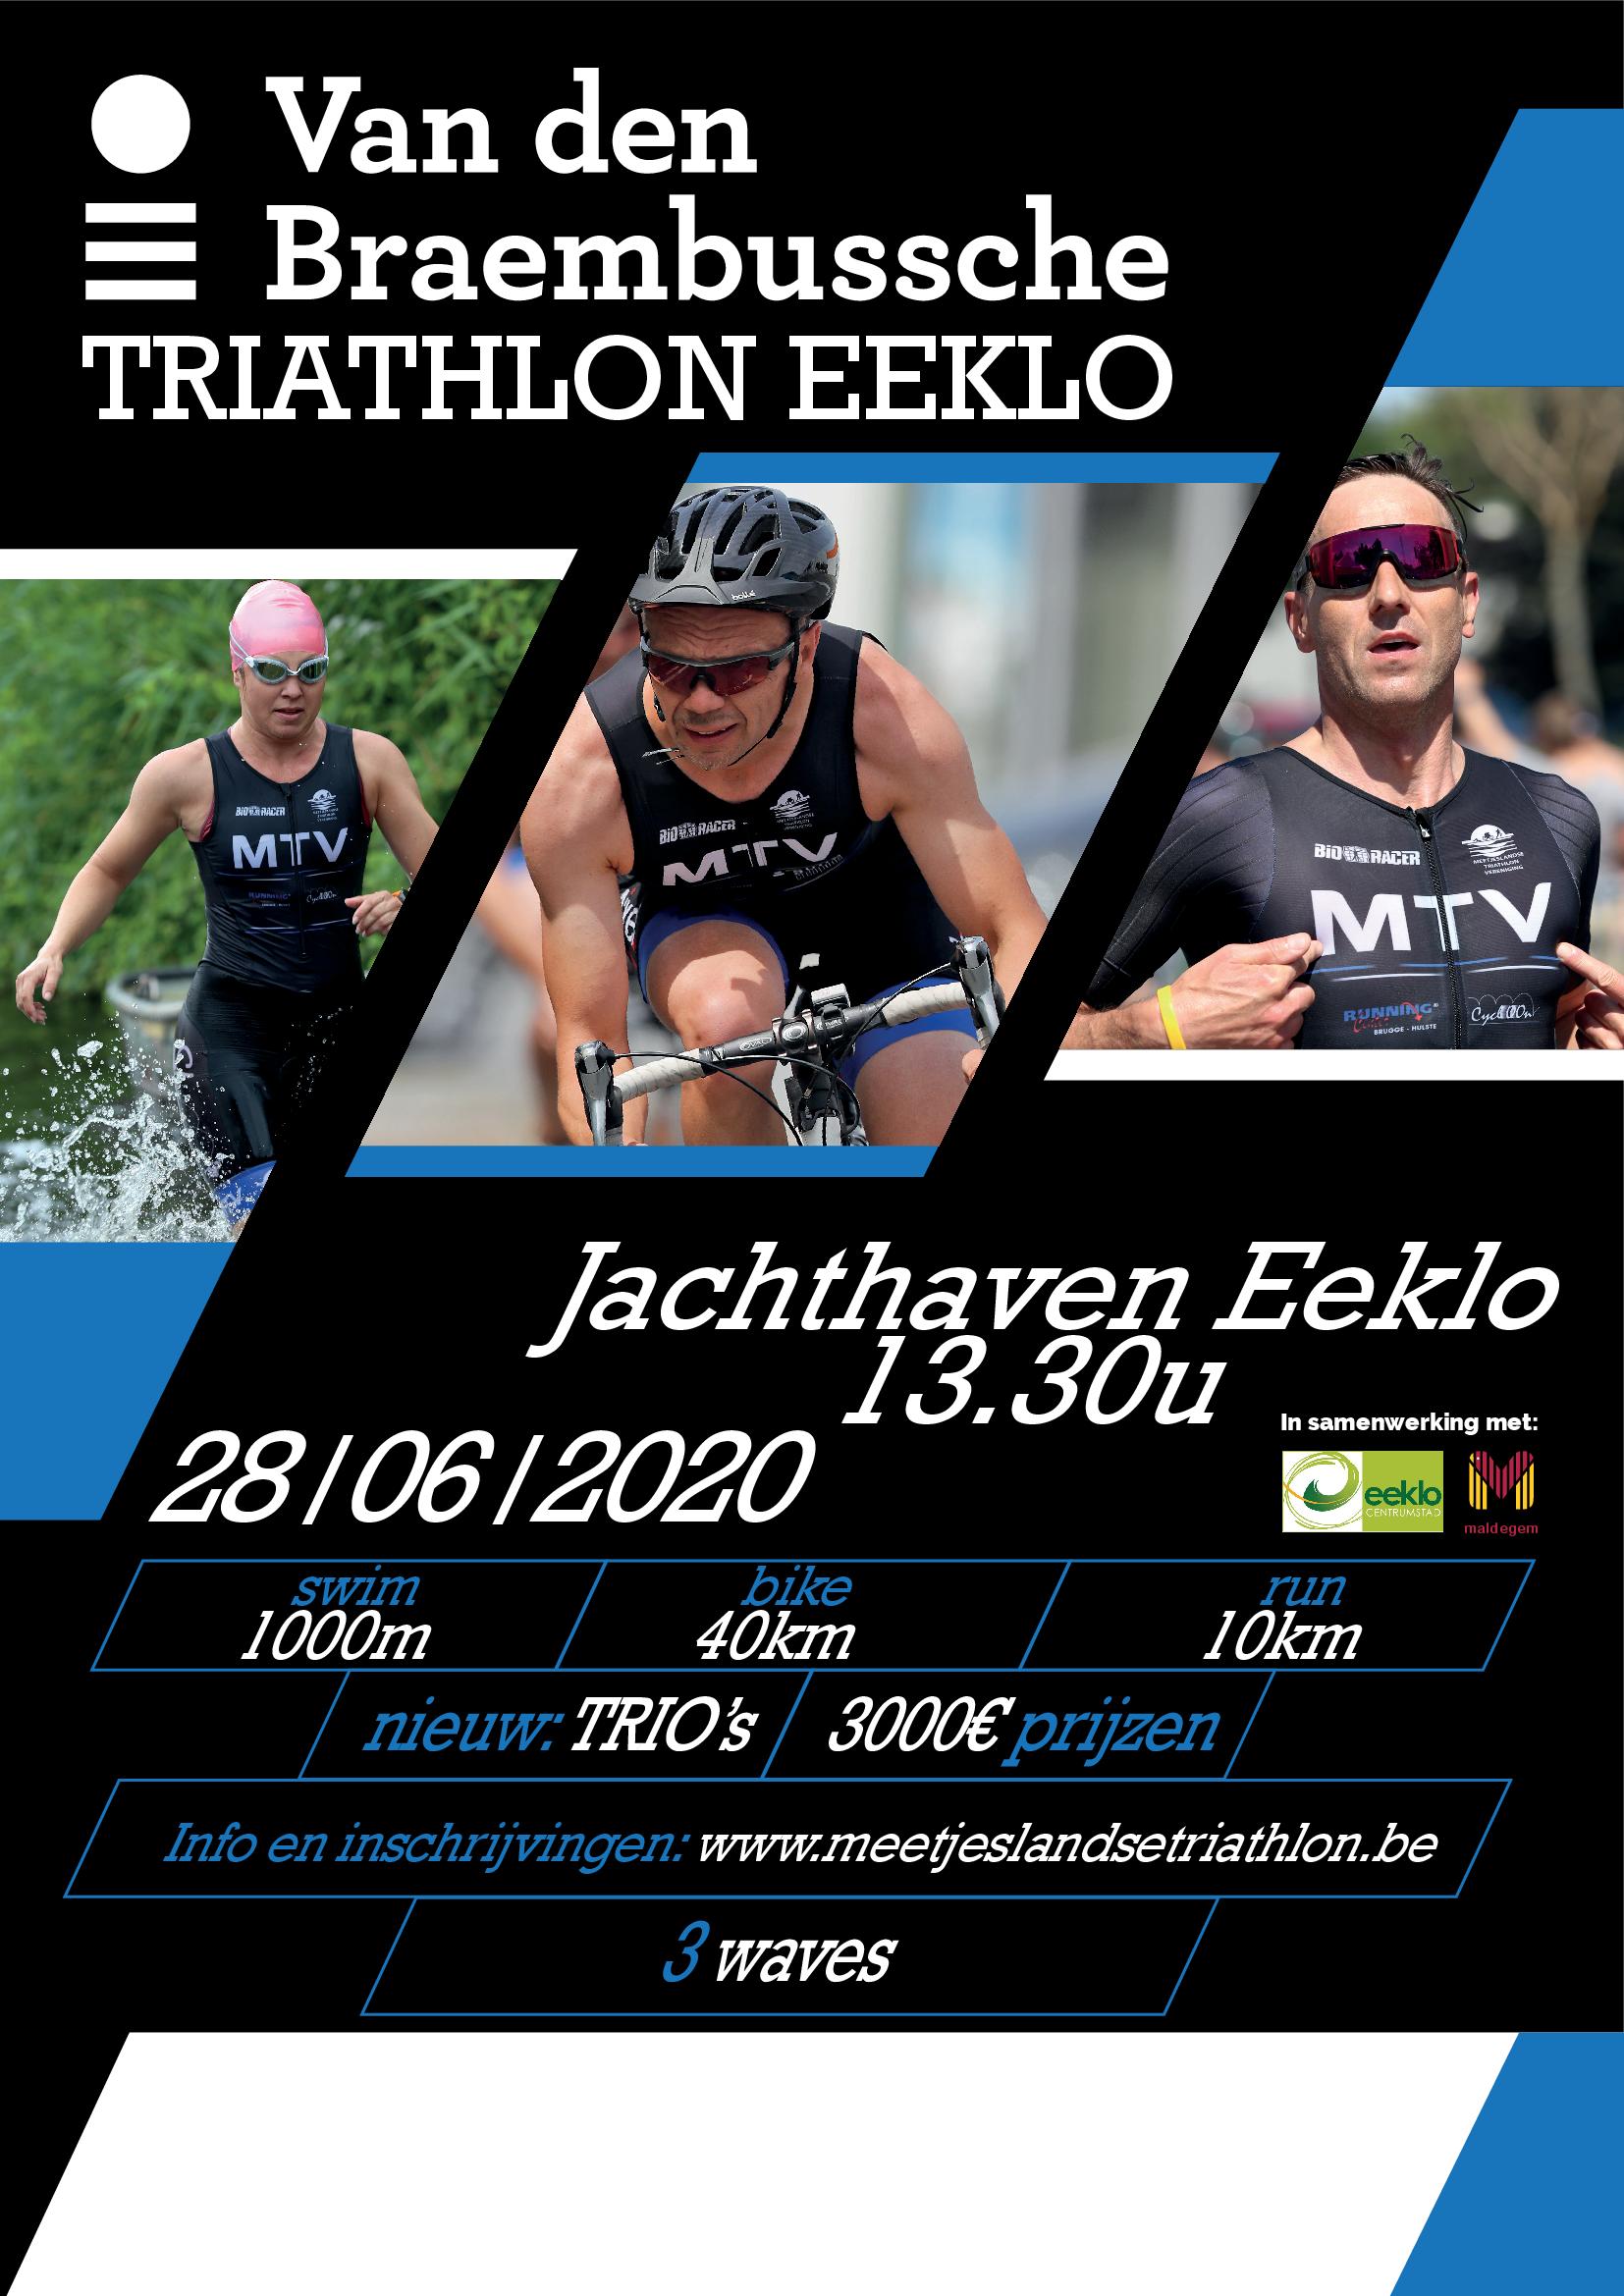 Affiche triathlon Eeklo 2020